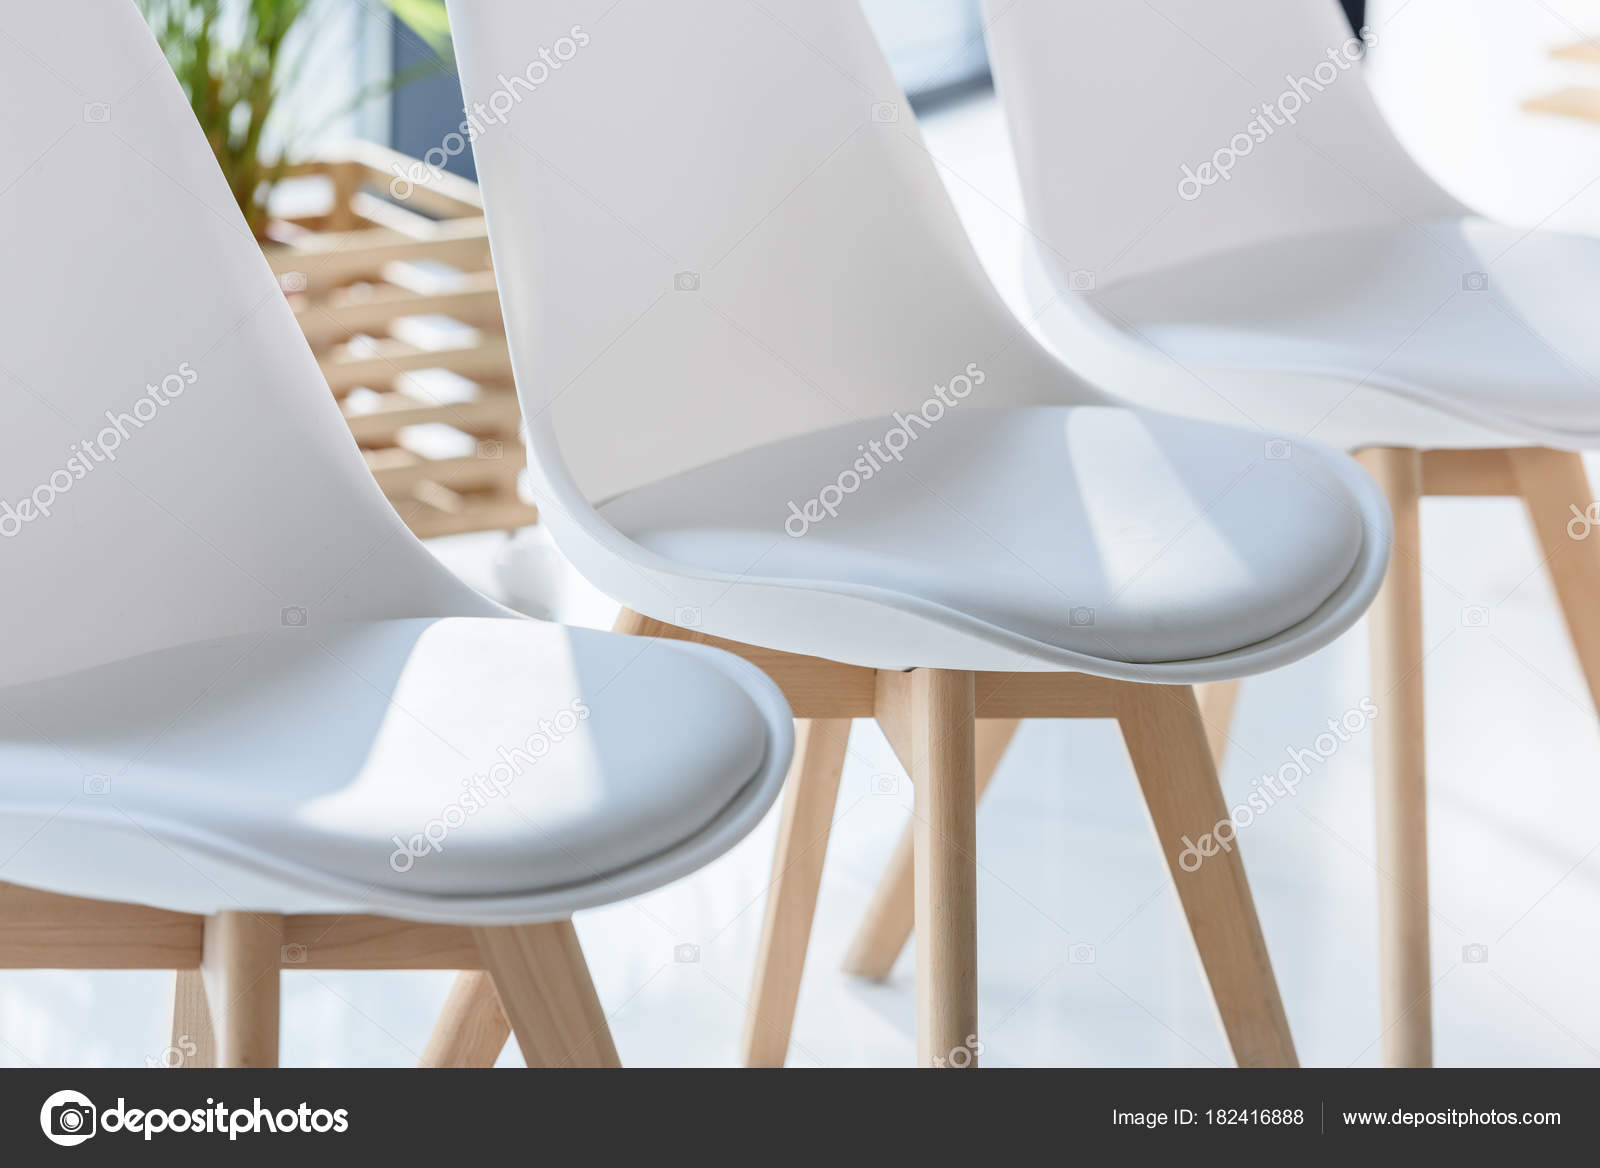 Fesselnde Weisse Stühle Referenz Von Weiße Stühle Hellen Modernen Büro — Stockfoto